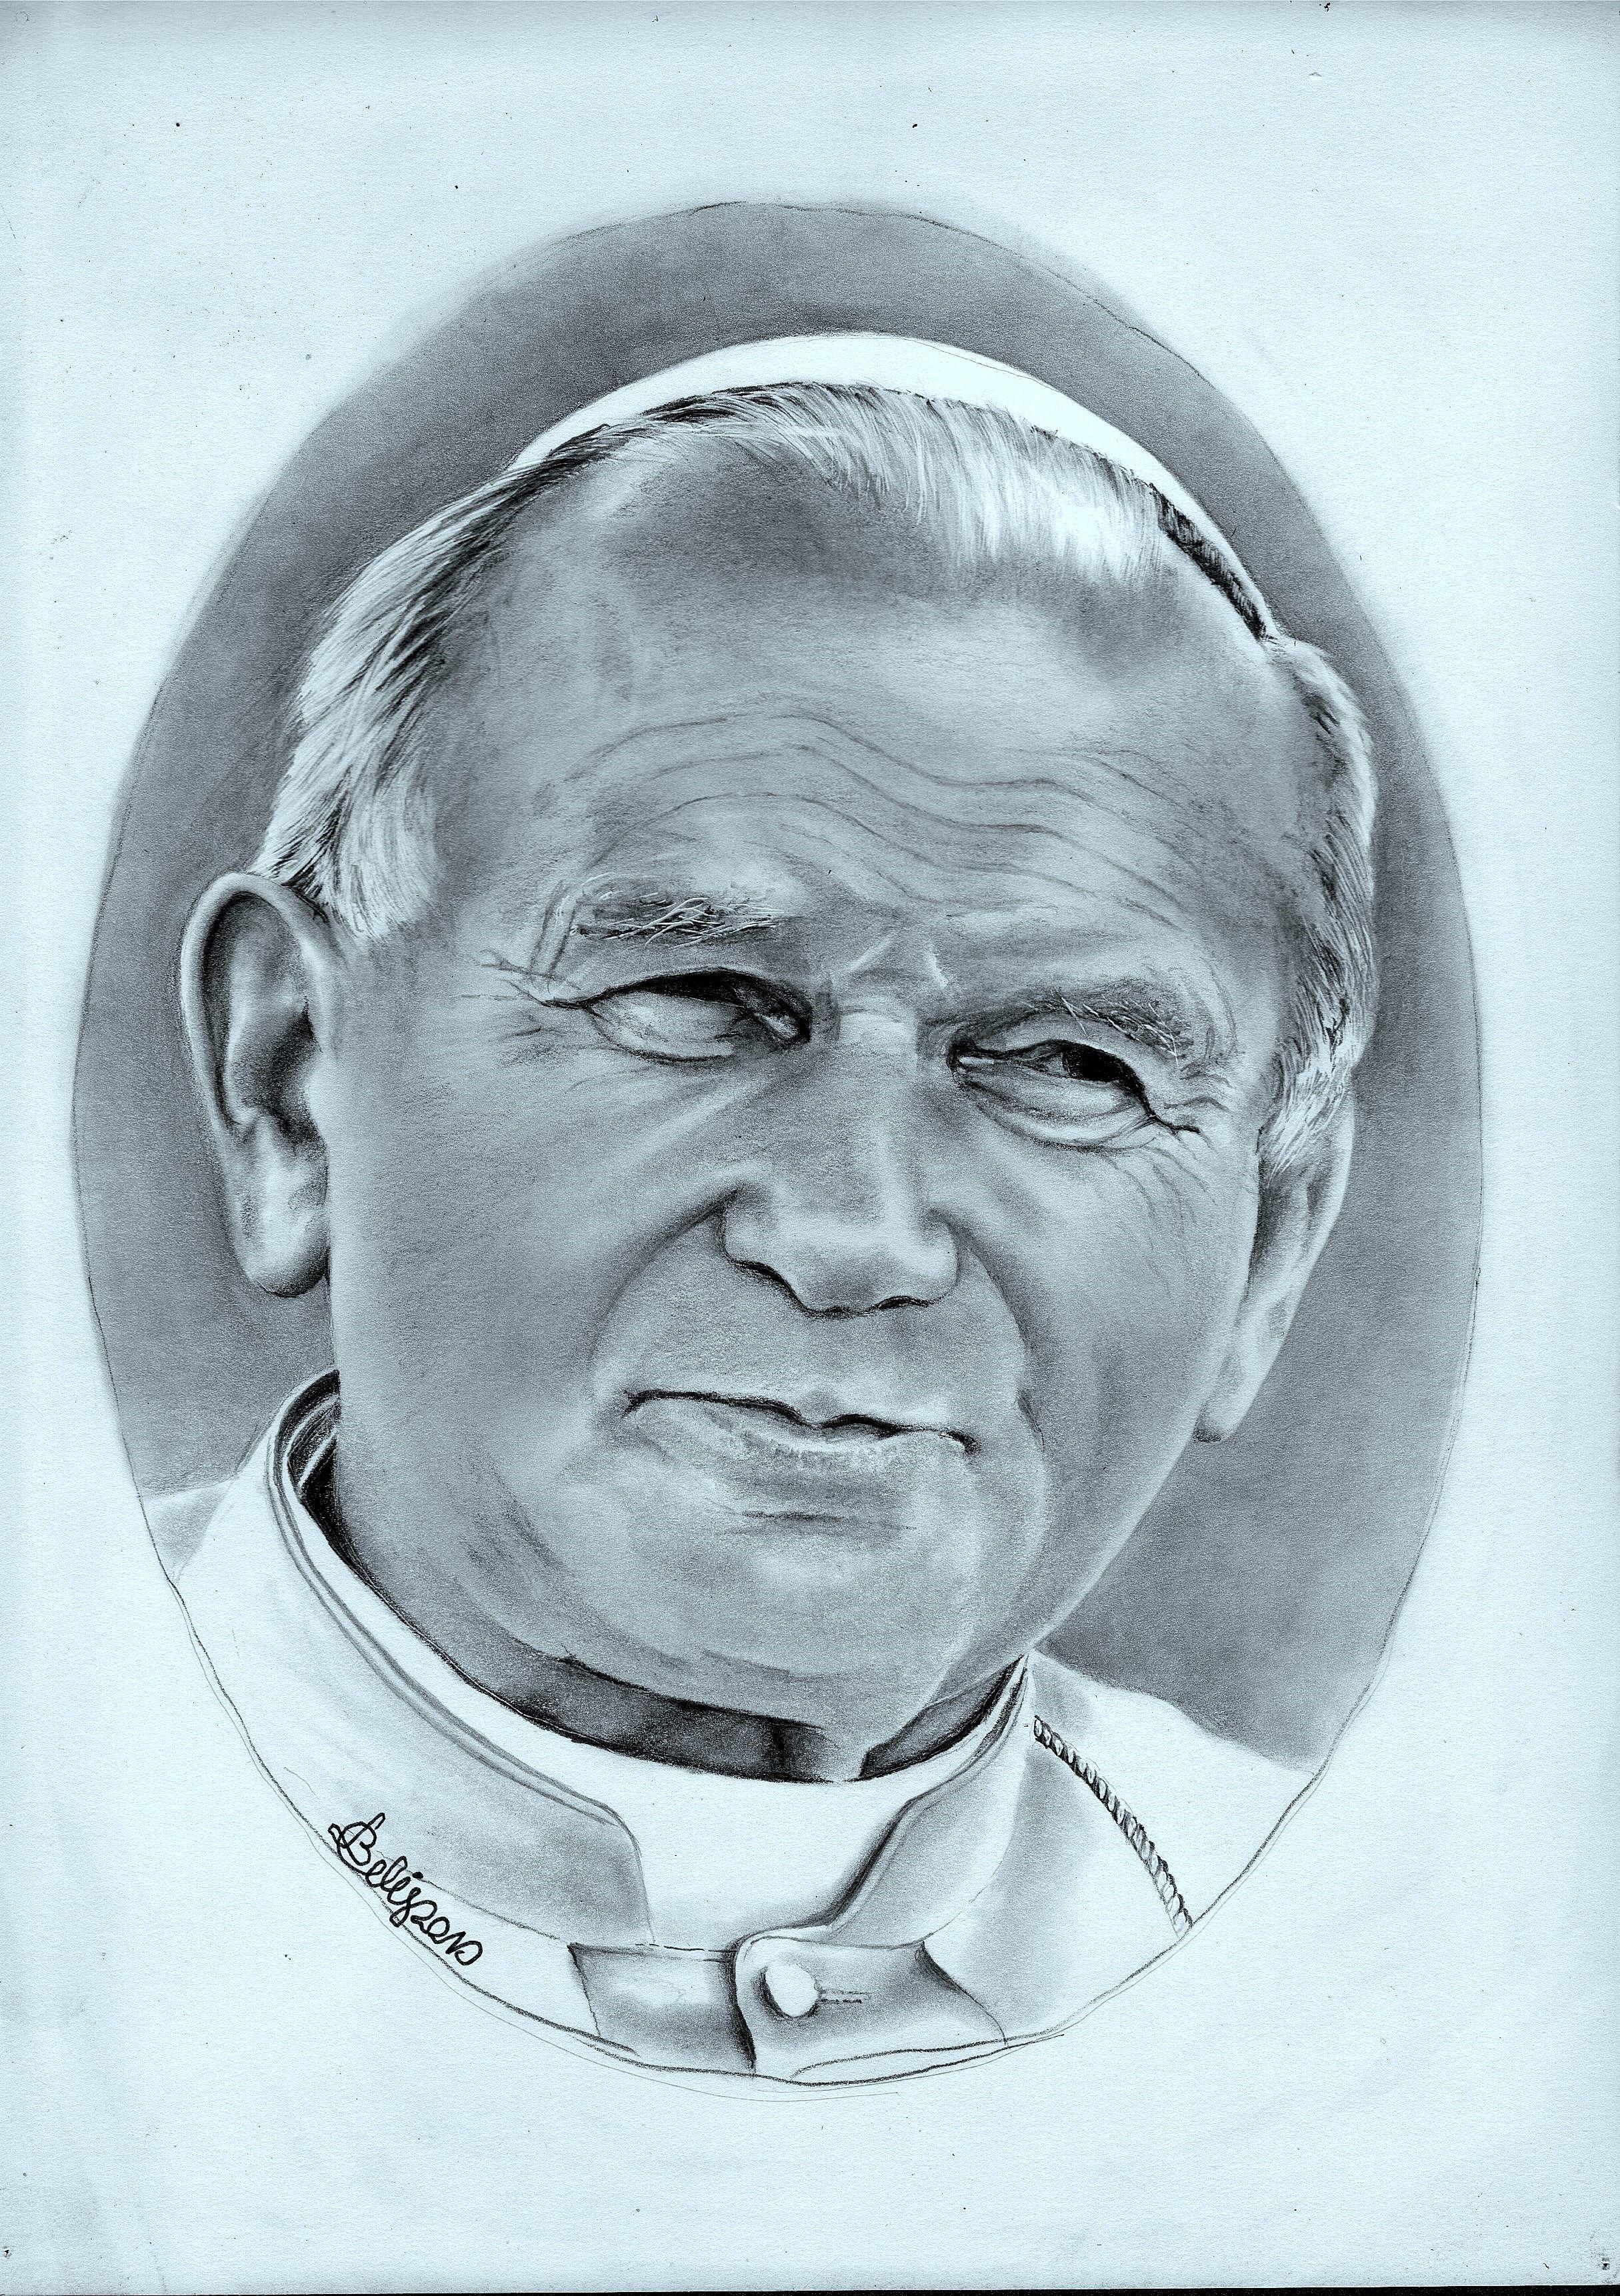 Portret Jan Pawel Ii Rysunek Olowkiem Format A4 Pencil Drawing In 2020 Rysunek Rysunki Olowkiem Rysunki